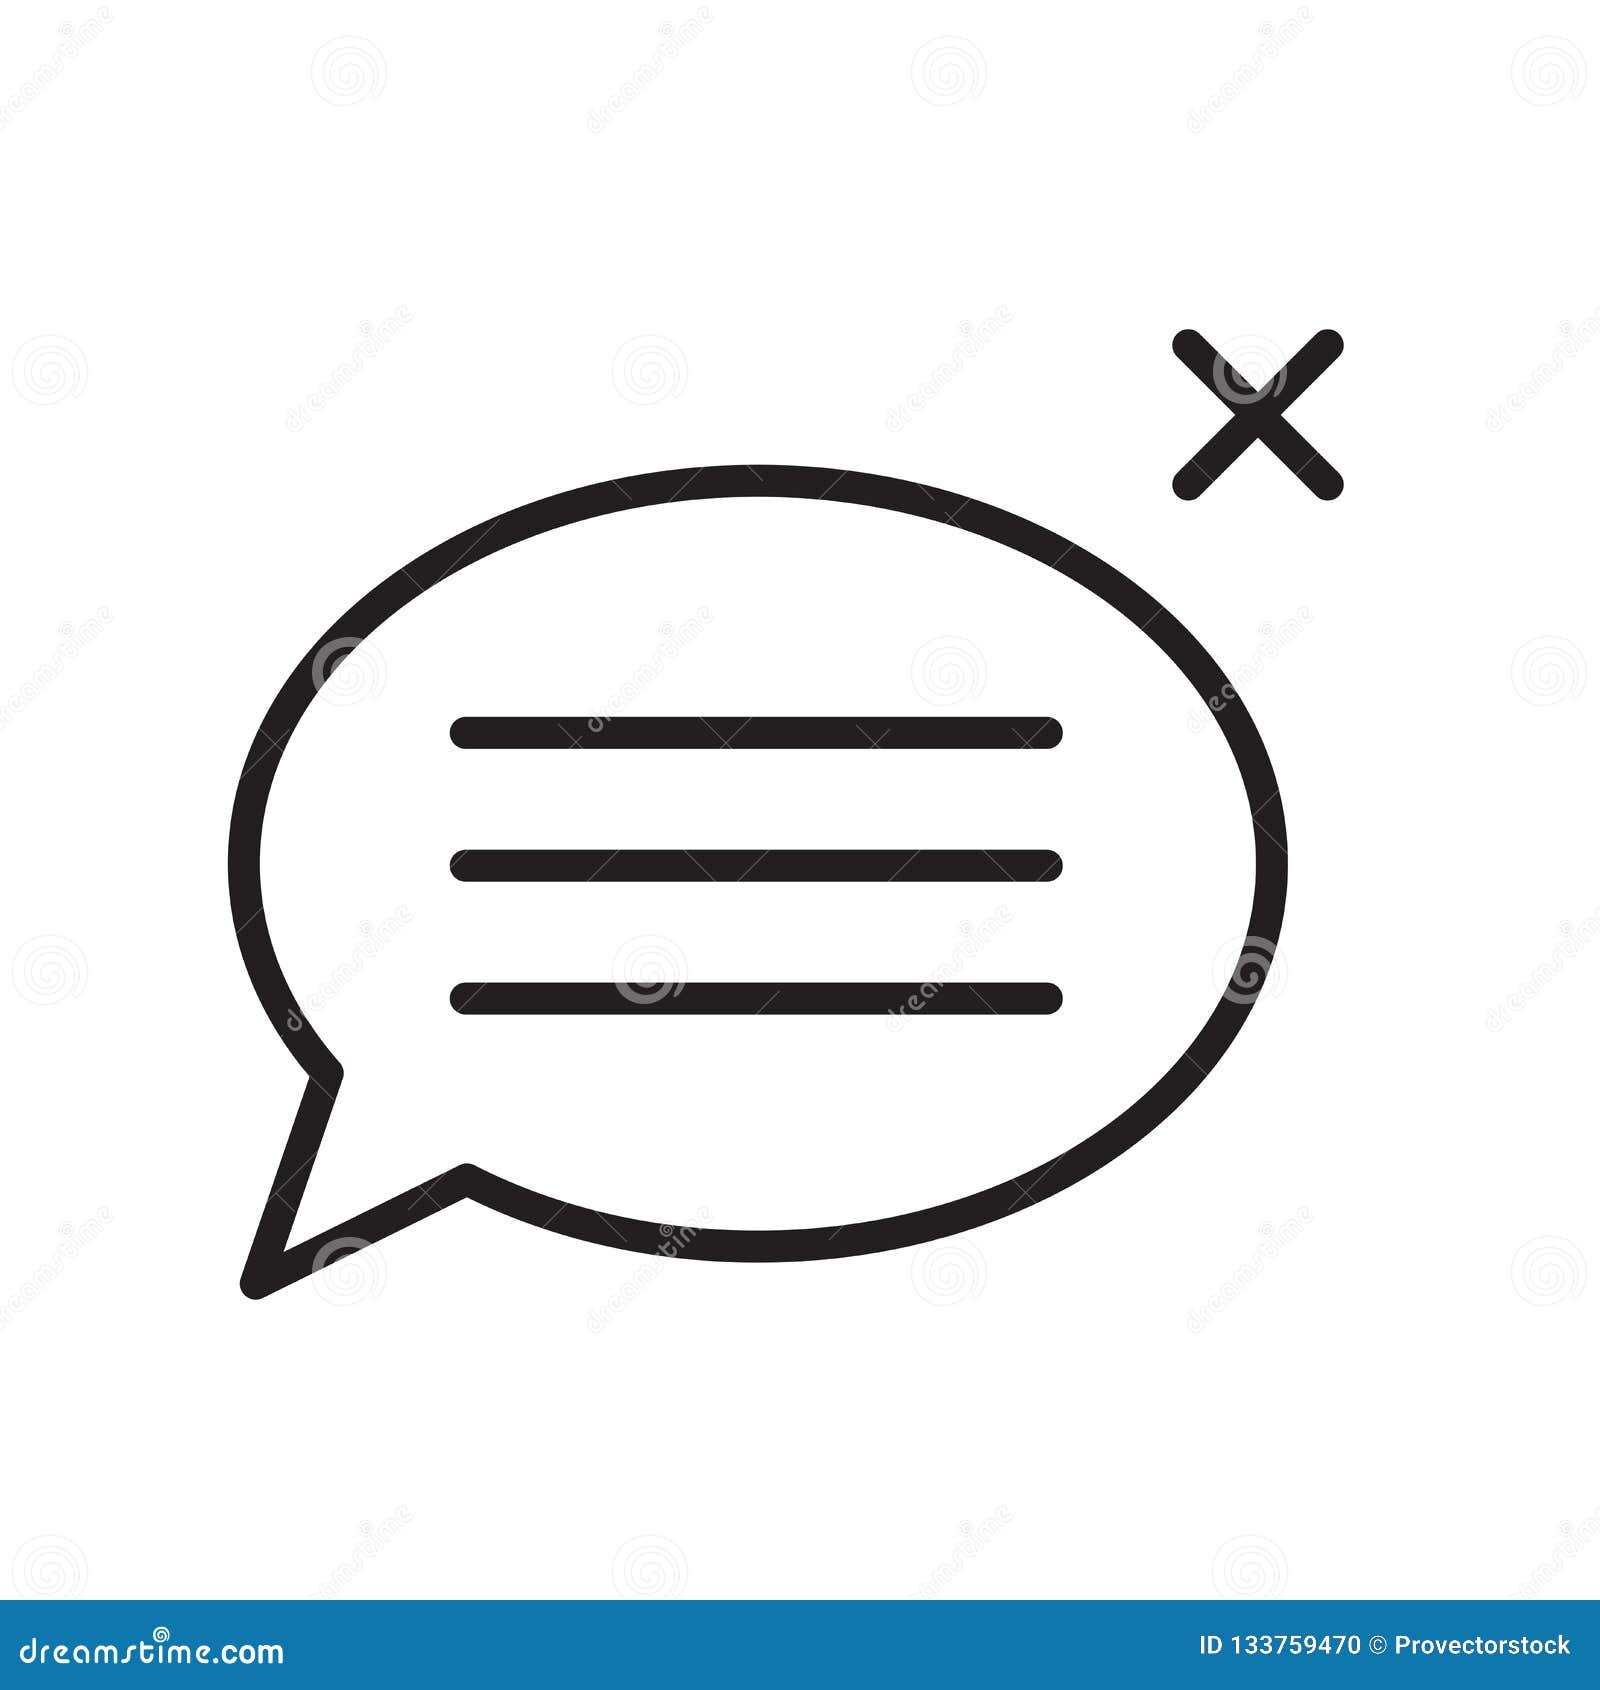 讲话泡影象在白色背景和标志隔绝的传染媒介标志,讲话泡影商标概念,概述标志,线性标志